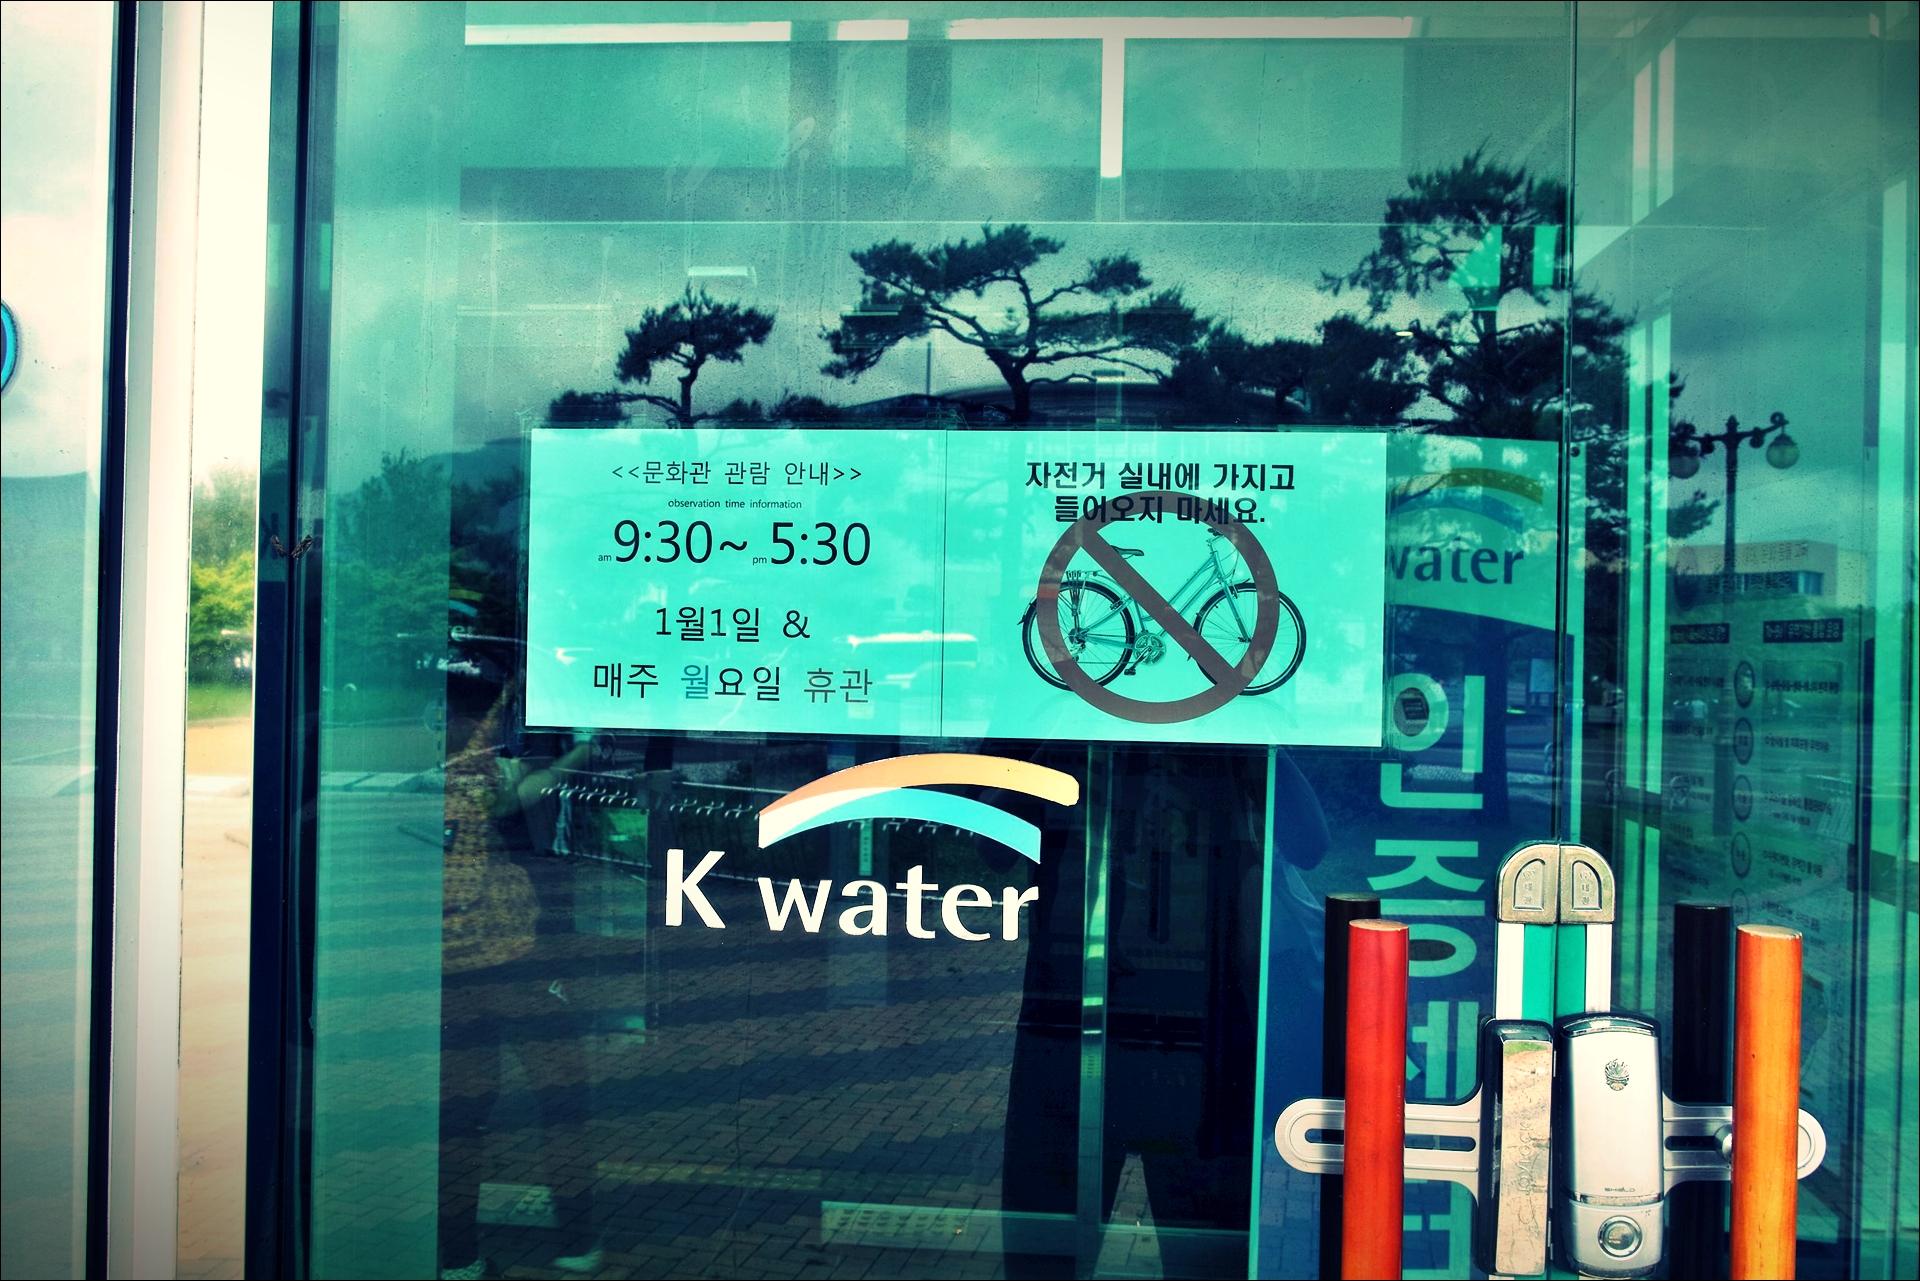 인증센터-'낙동강 자전거 종주여행'